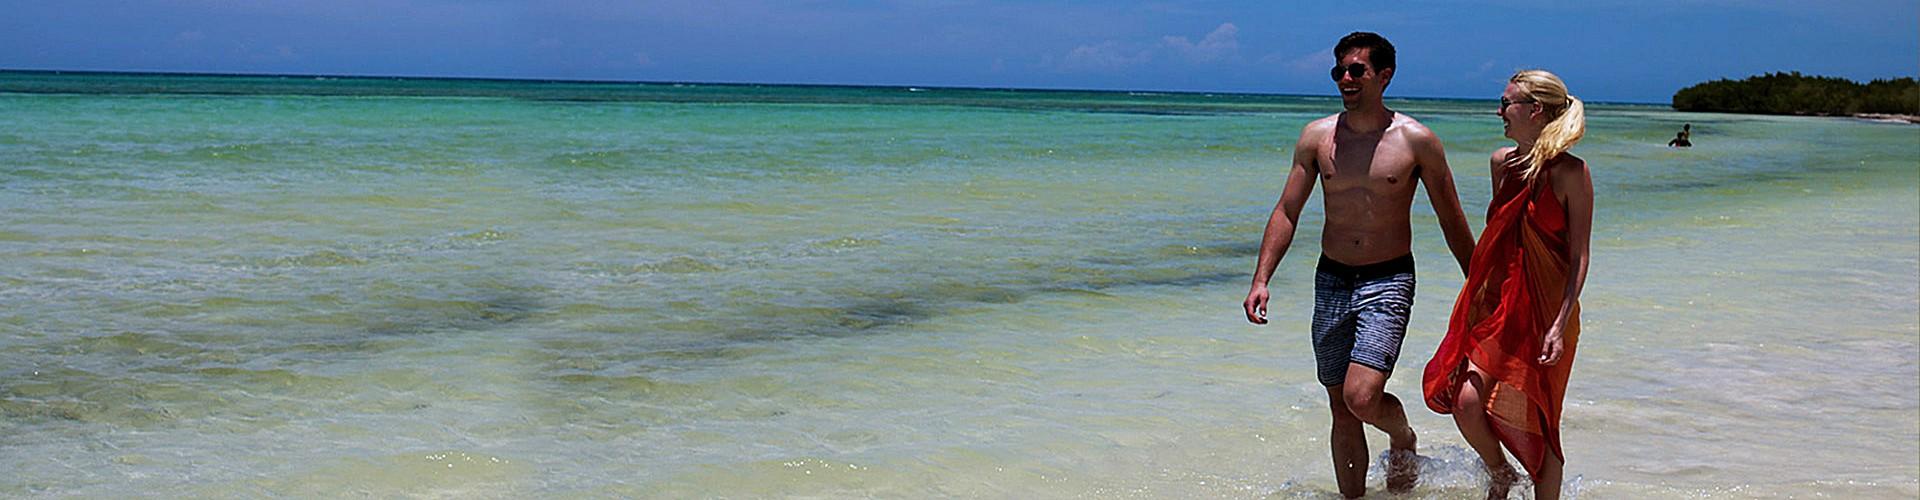 SCHÖNE-REISEN Reiseangebot Badeurlaub Karibik